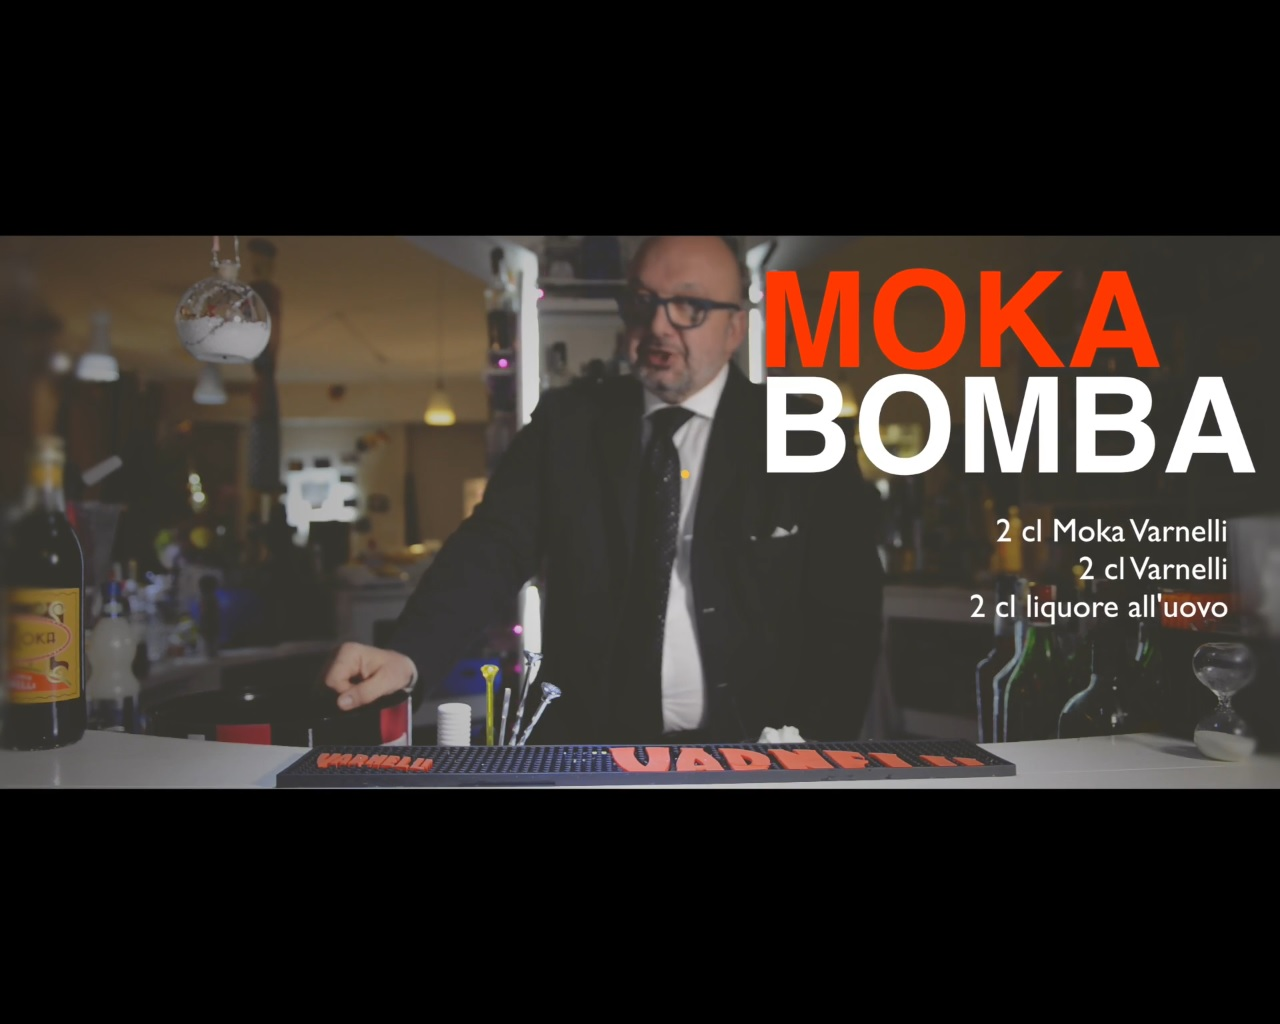 Moka bomba Varnelli il caldo cocktail ideale per l'inverno in montagna